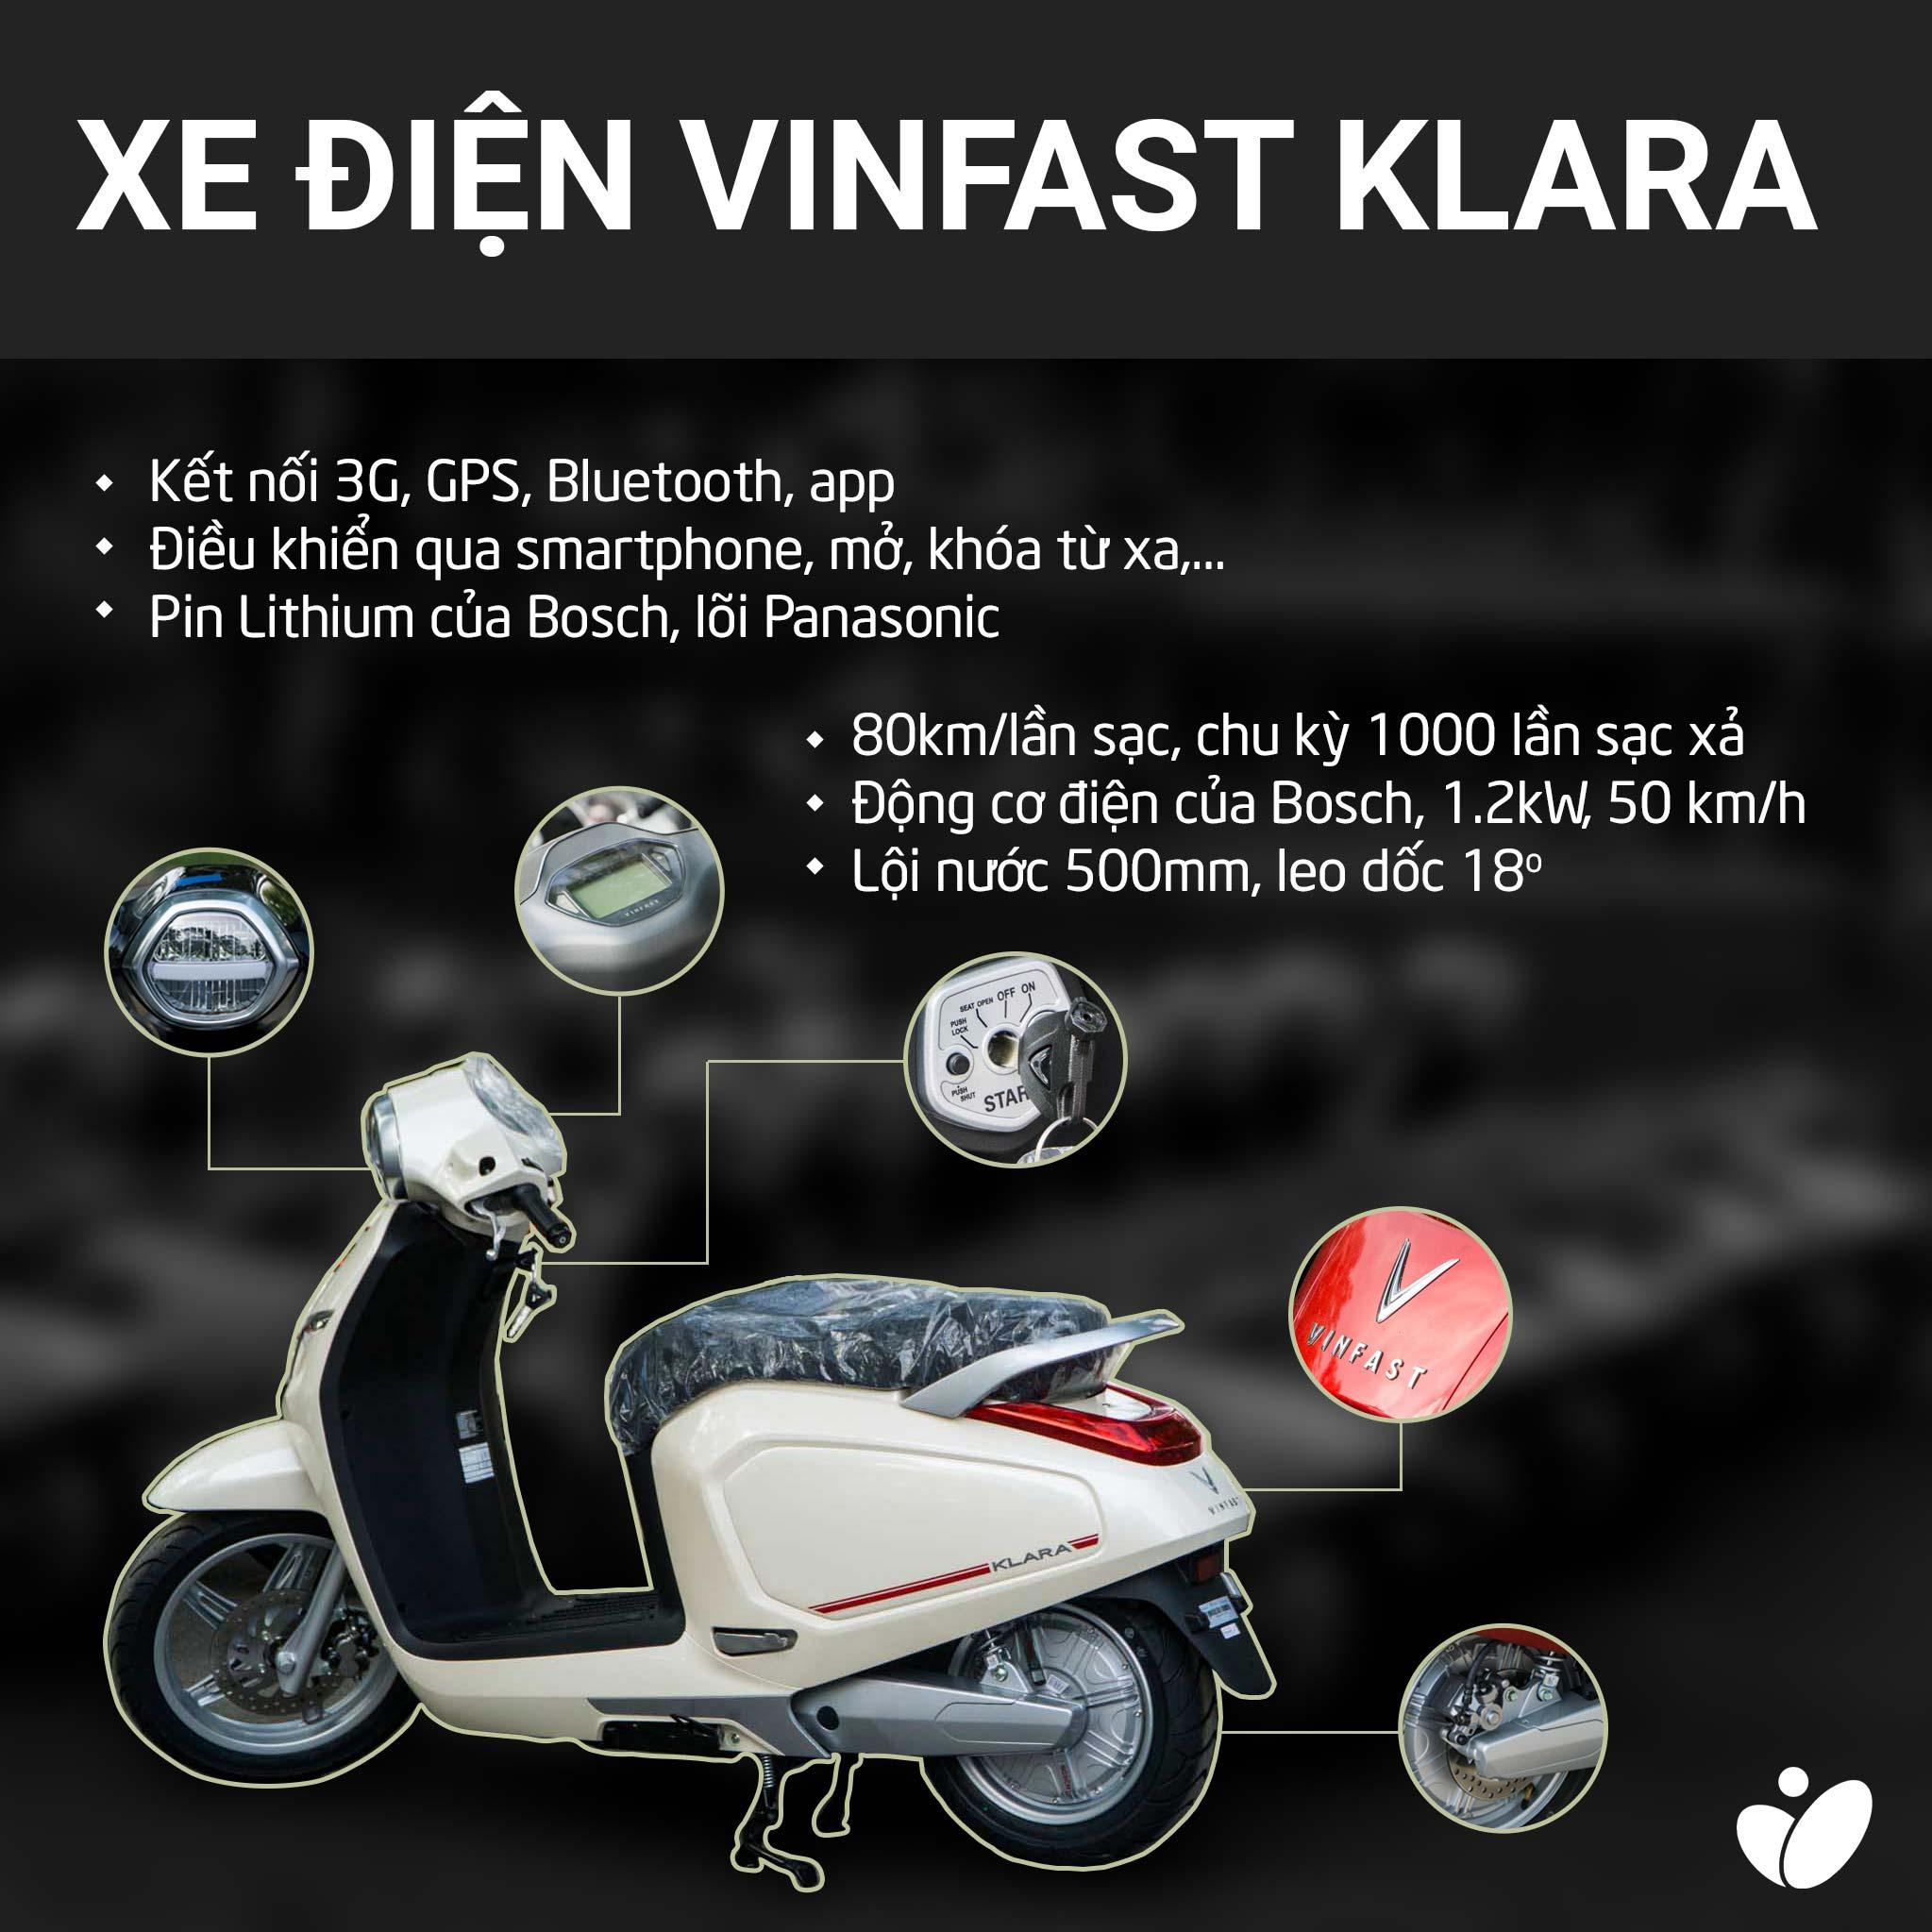 4490116_tinhte_vinfast_klara-16.jpg